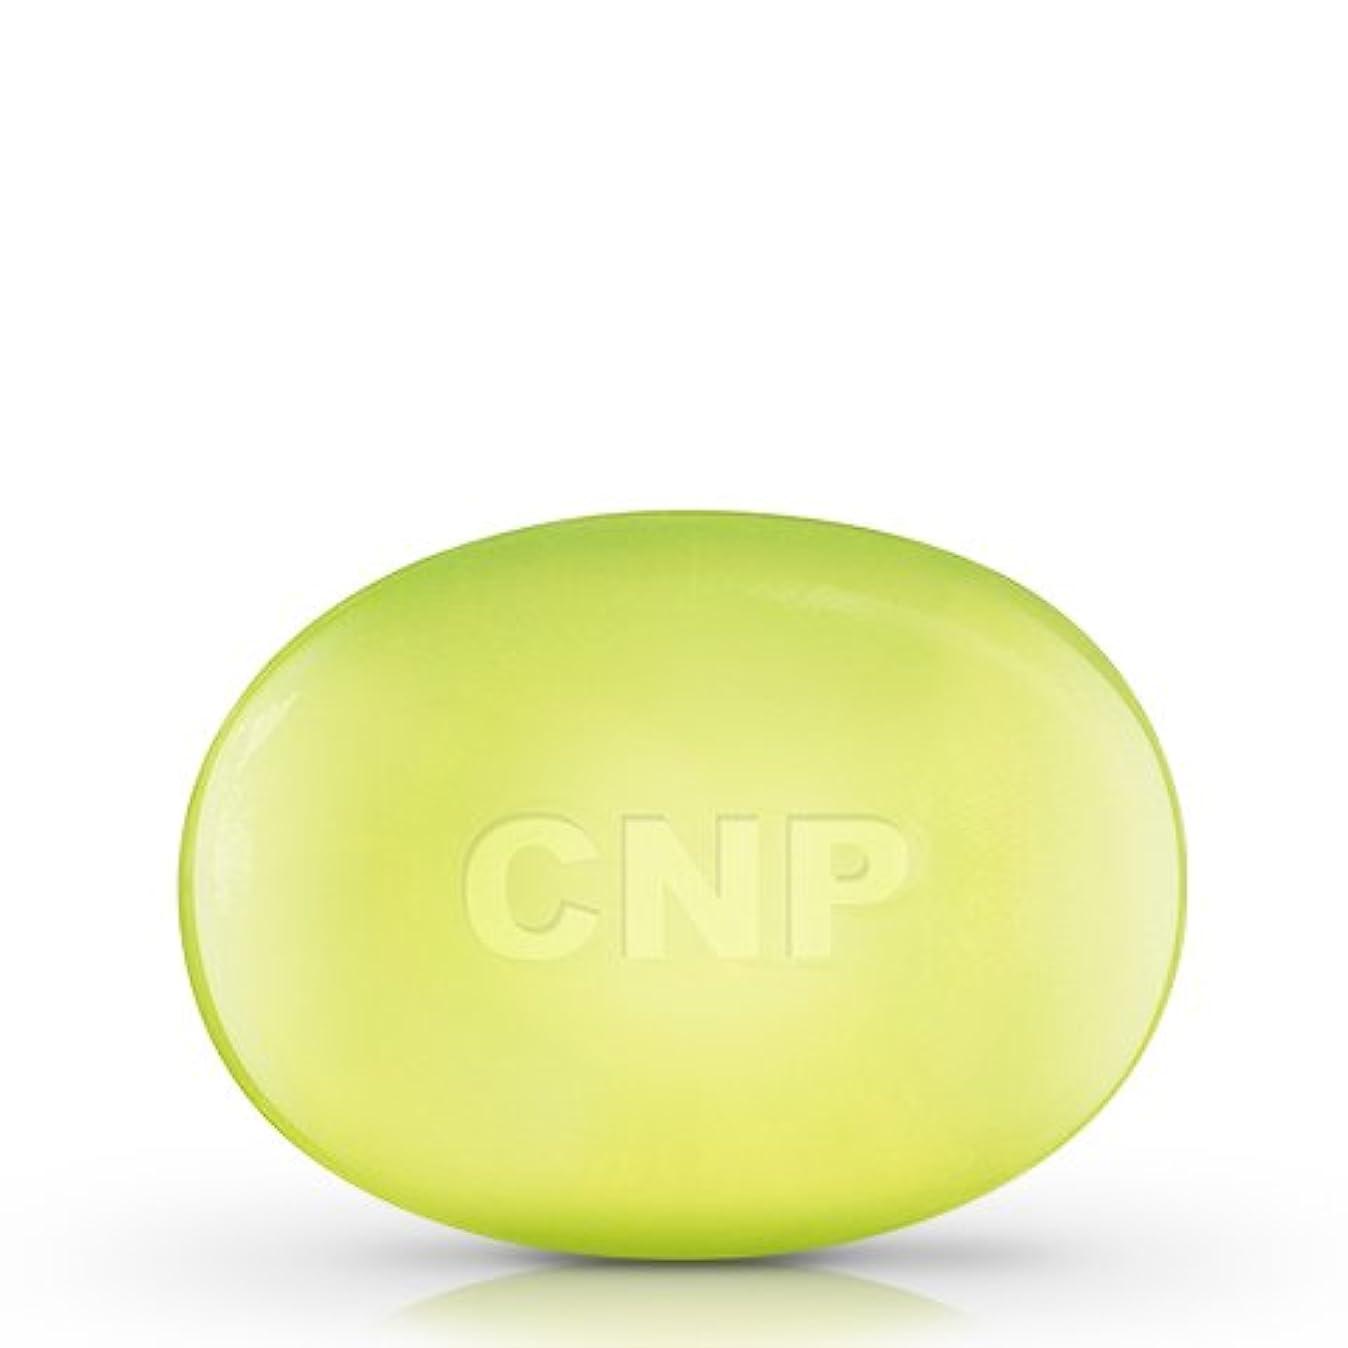 契約した重なる急流CNP Laboratory 石鹸A/Soap A 100g [並行輸入品]